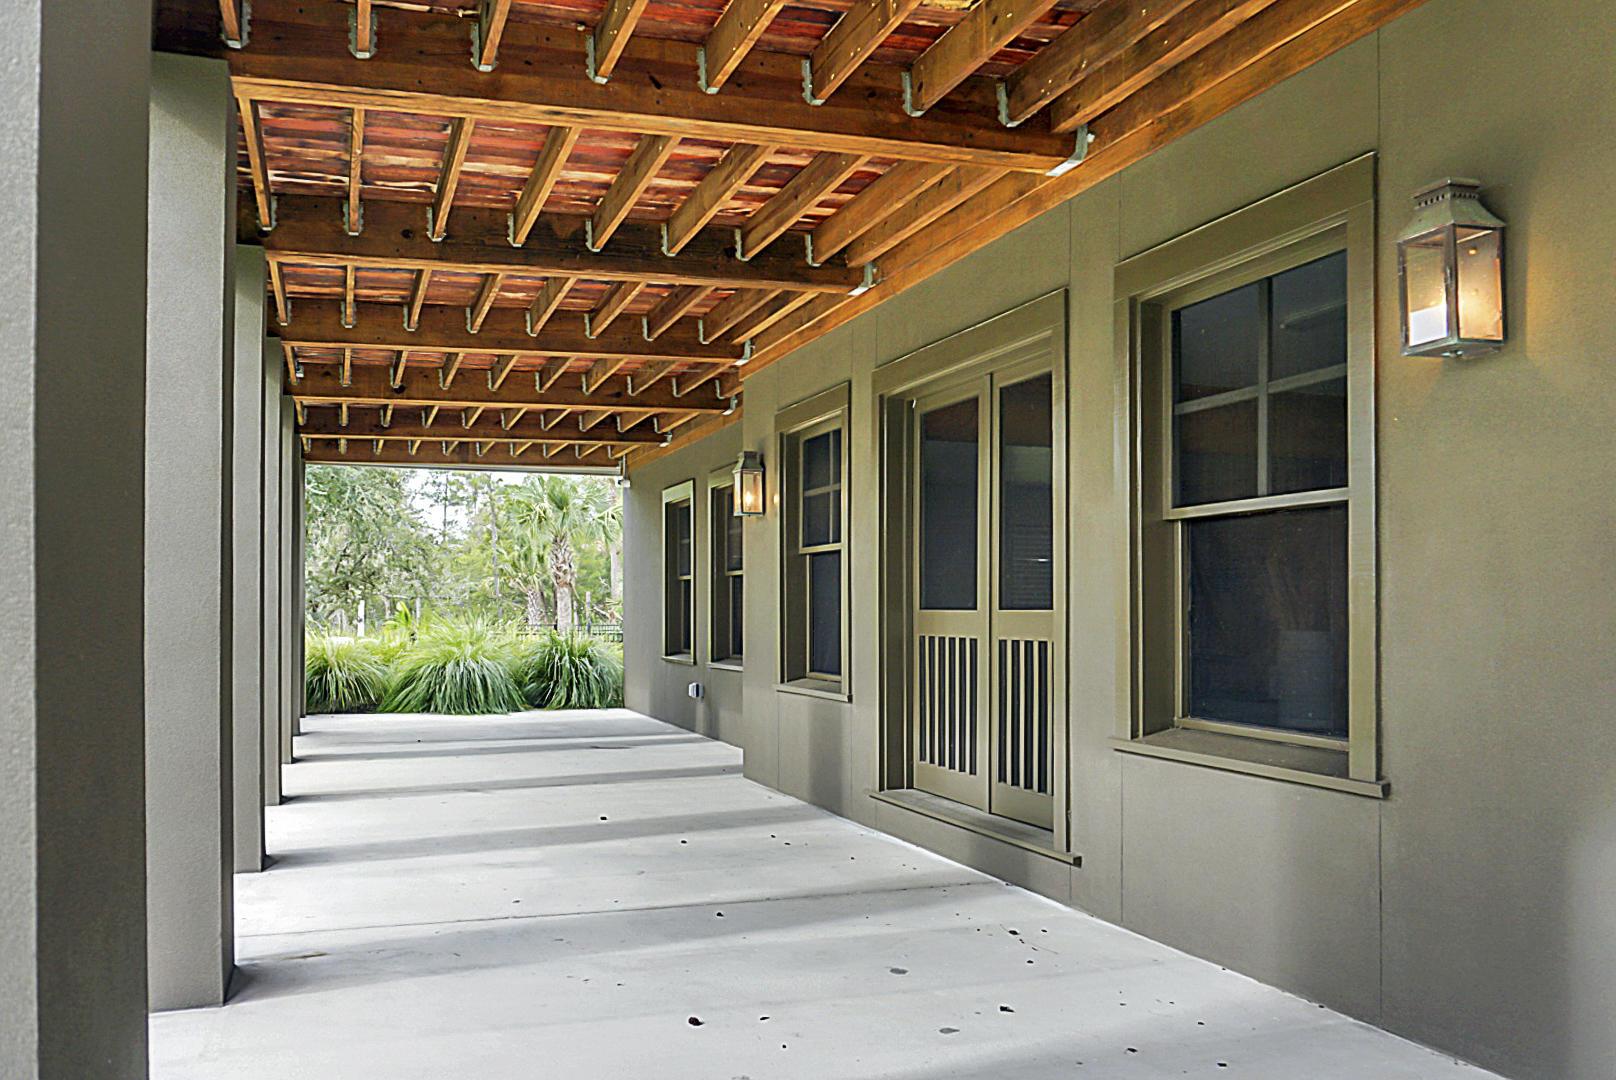 Dunes West Homes For Sale - 2978 River Vista, Mount Pleasant, SC - 38